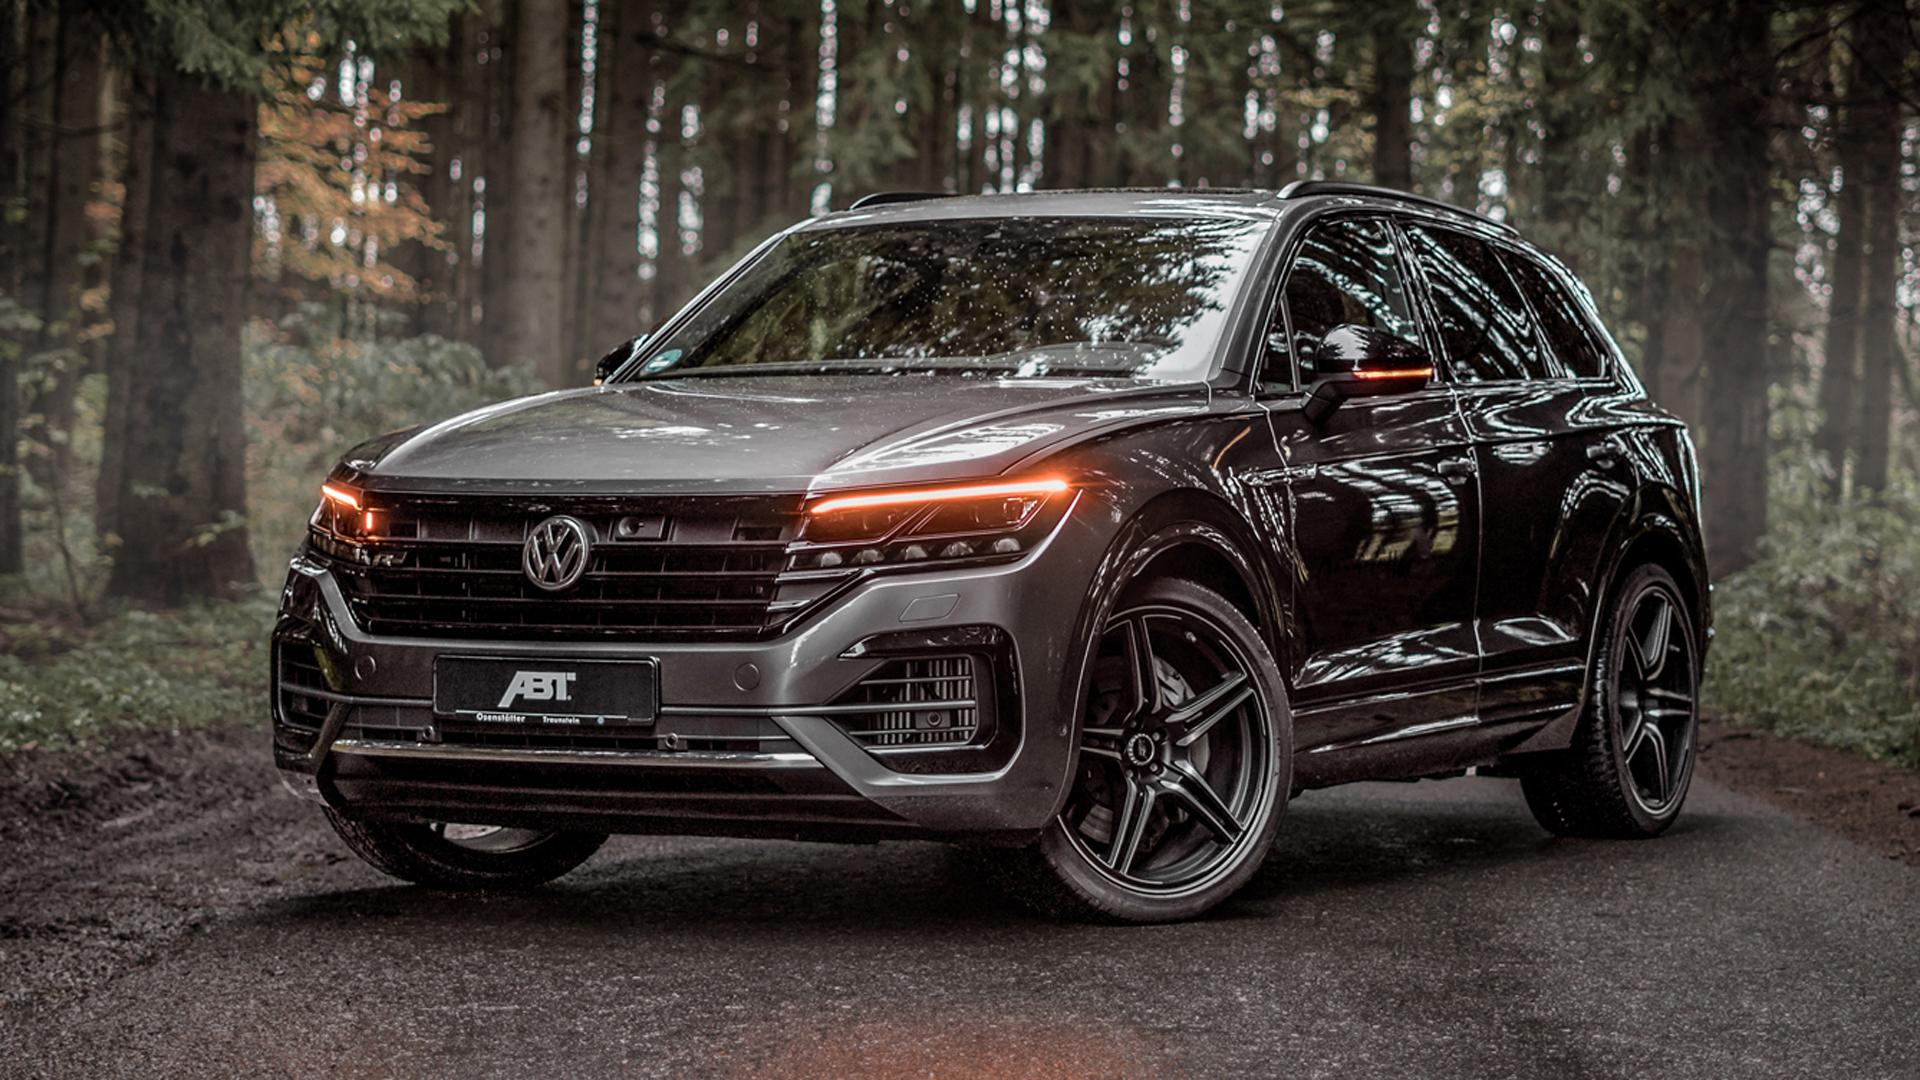 Volkswagen Toureg V8 TDI by ABT Sportsline